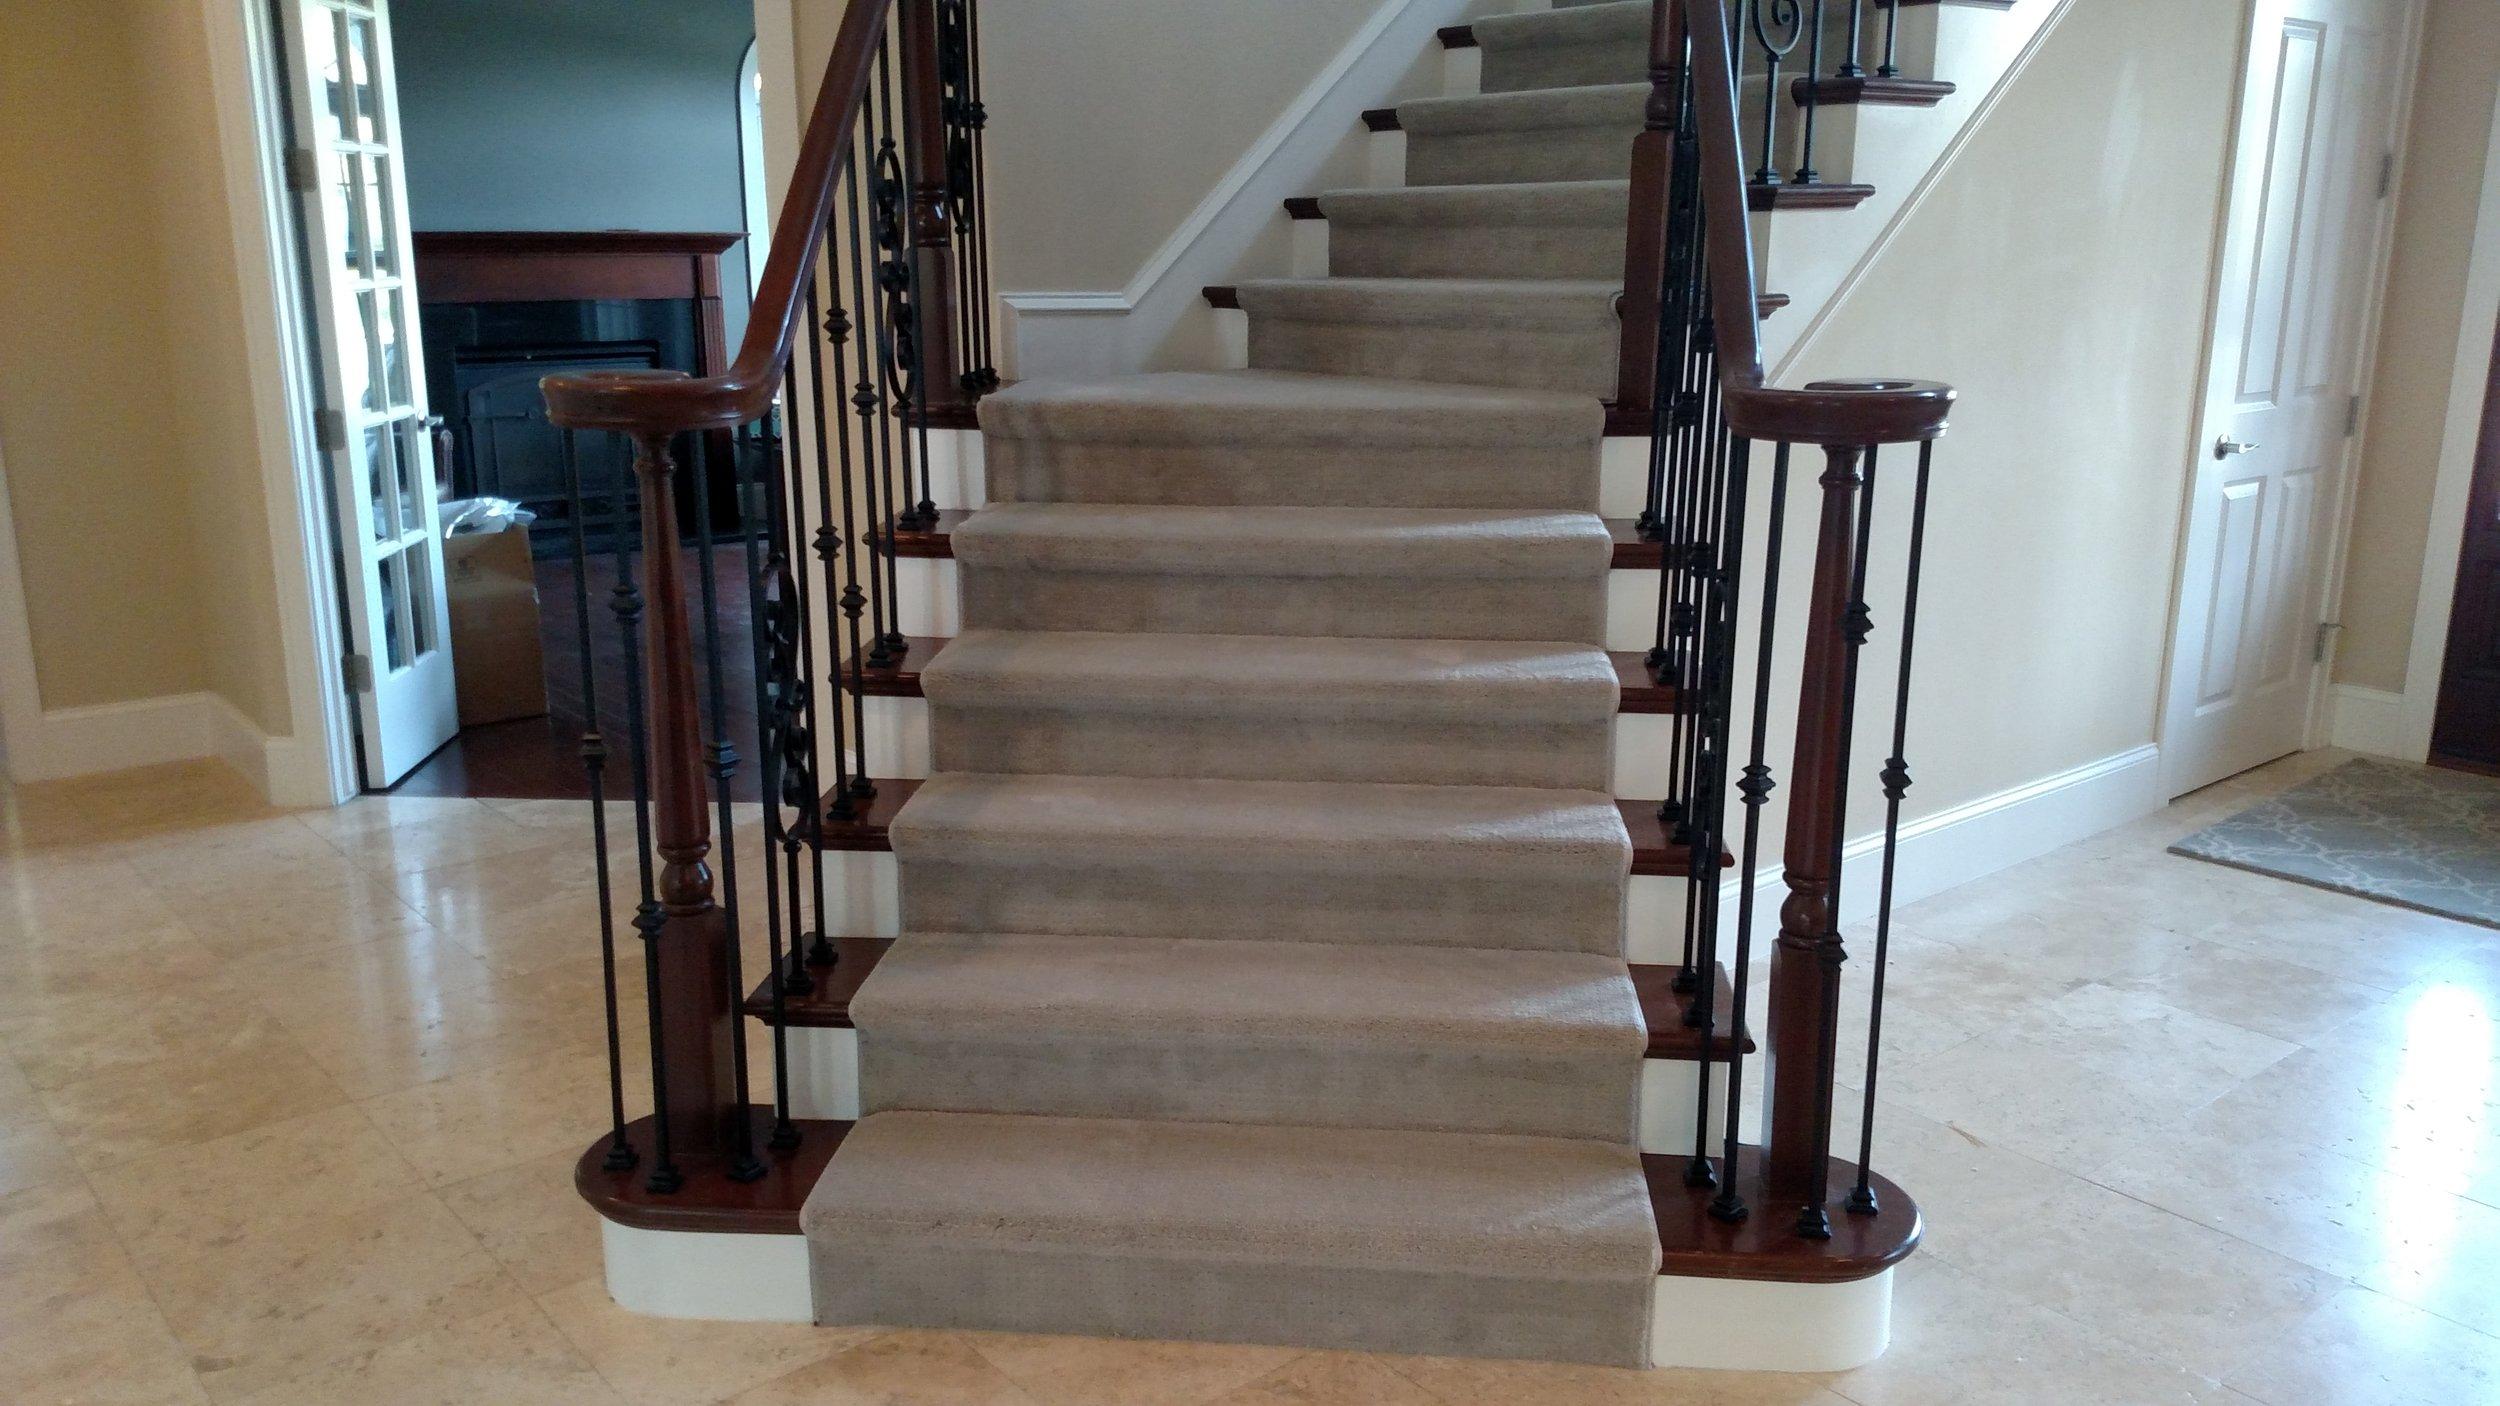 FurnitureStore Front Stairway1.jpg